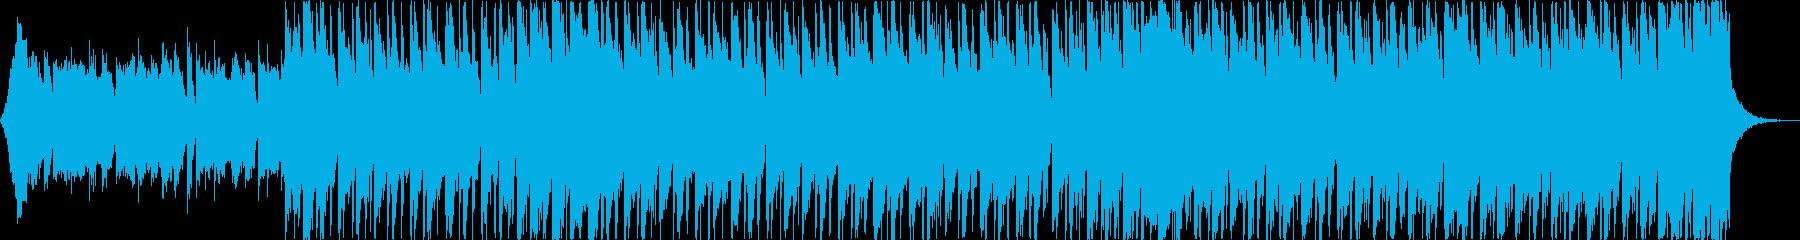 洋楽トラップヒップホップパリピEDMbの再生済みの波形